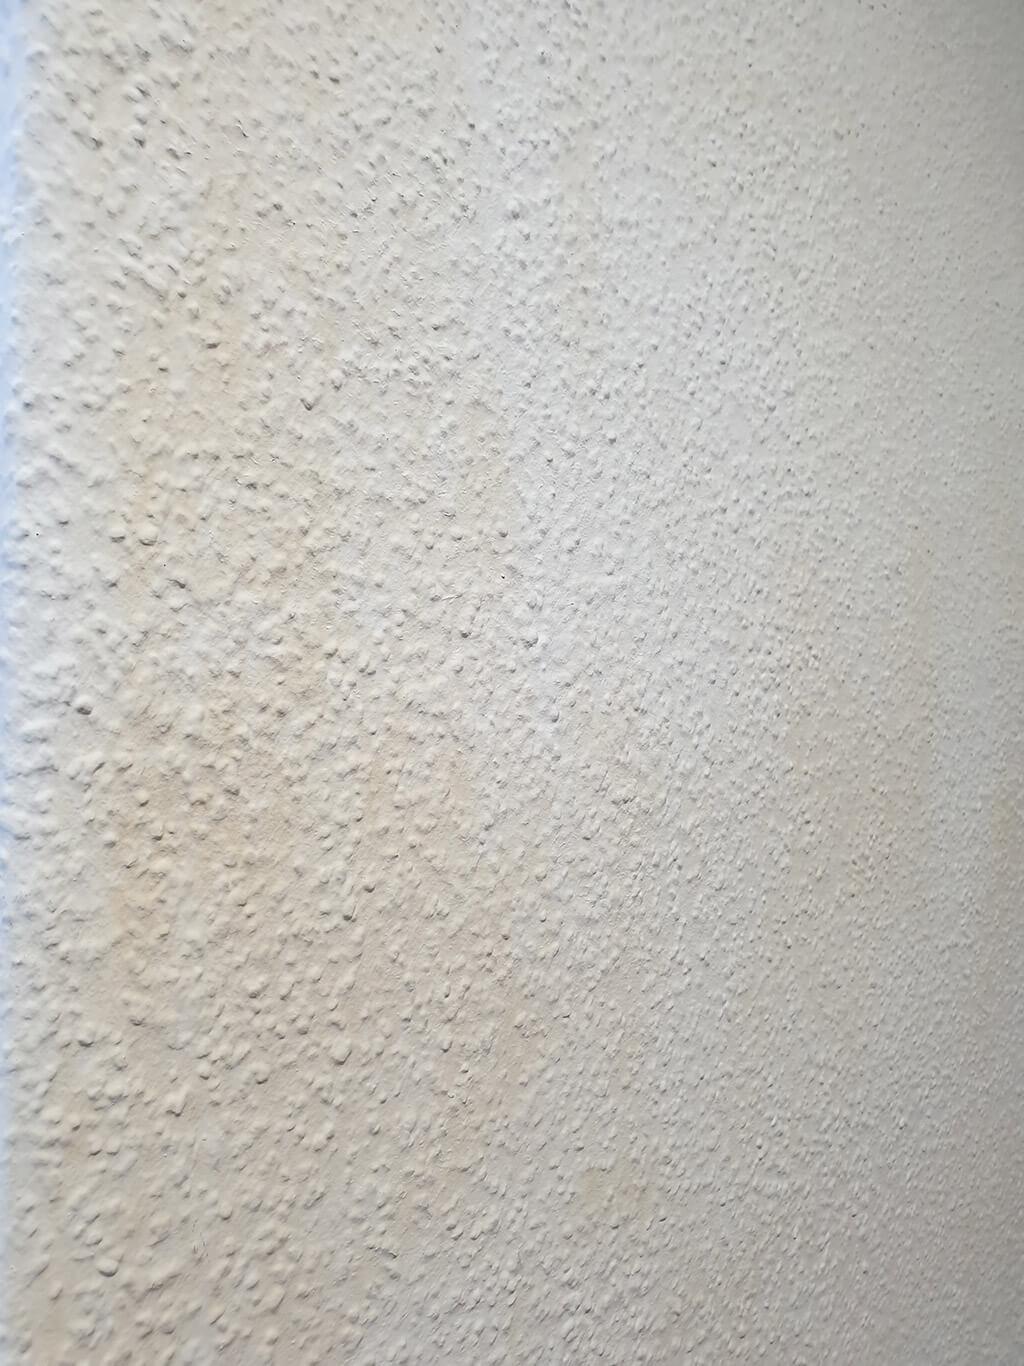 Vergilbte Wände in einer Raucherwohnung